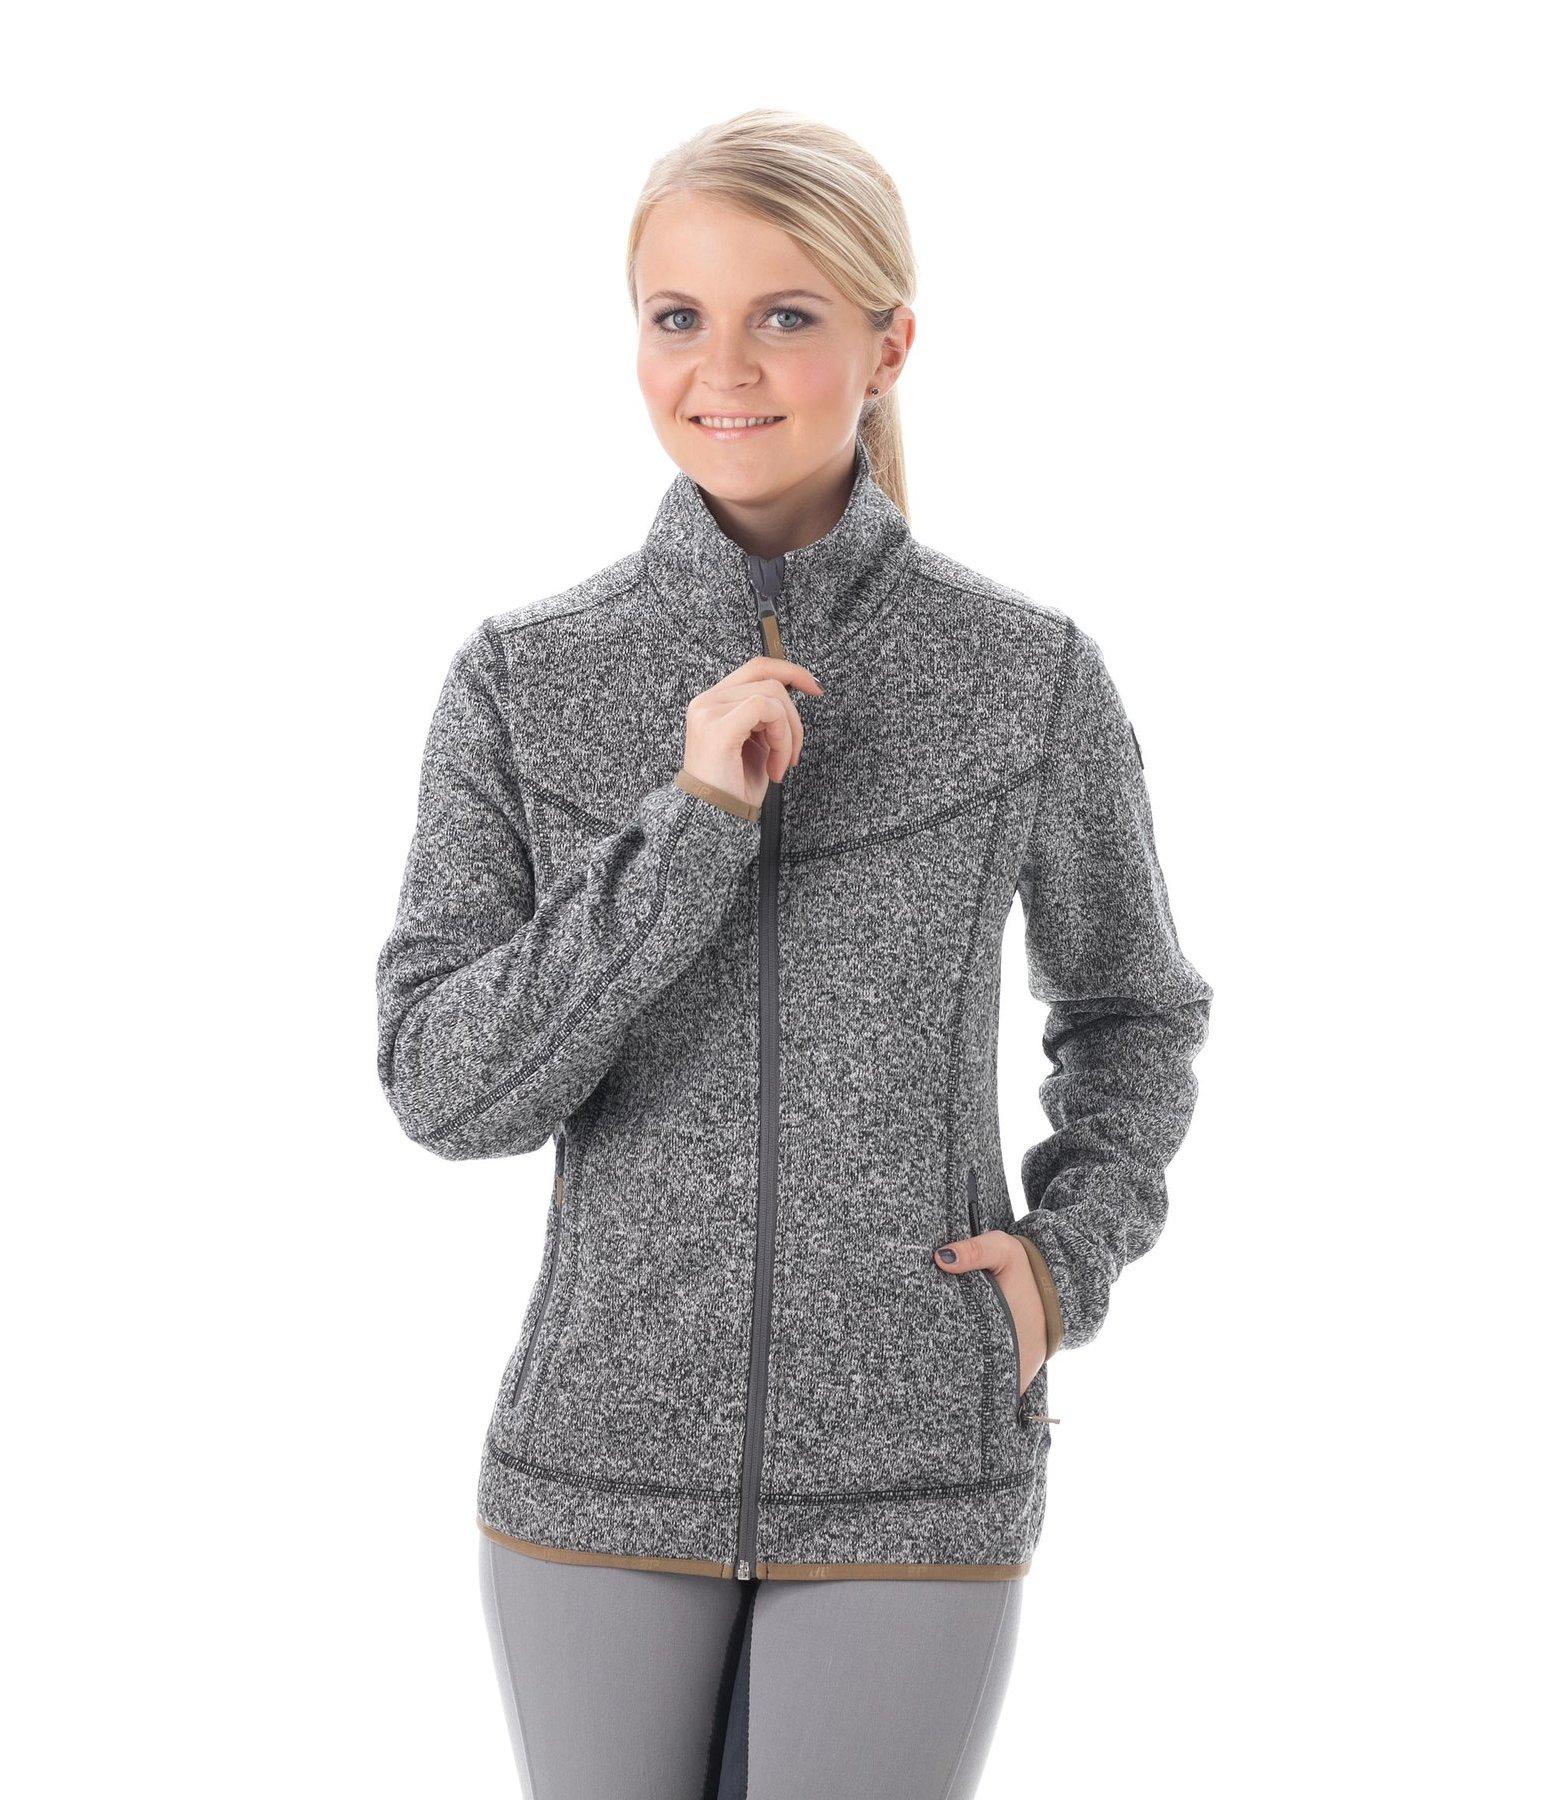 veste polaire tricot lesia mode femme kramer equitation. Black Bedroom Furniture Sets. Home Design Ideas